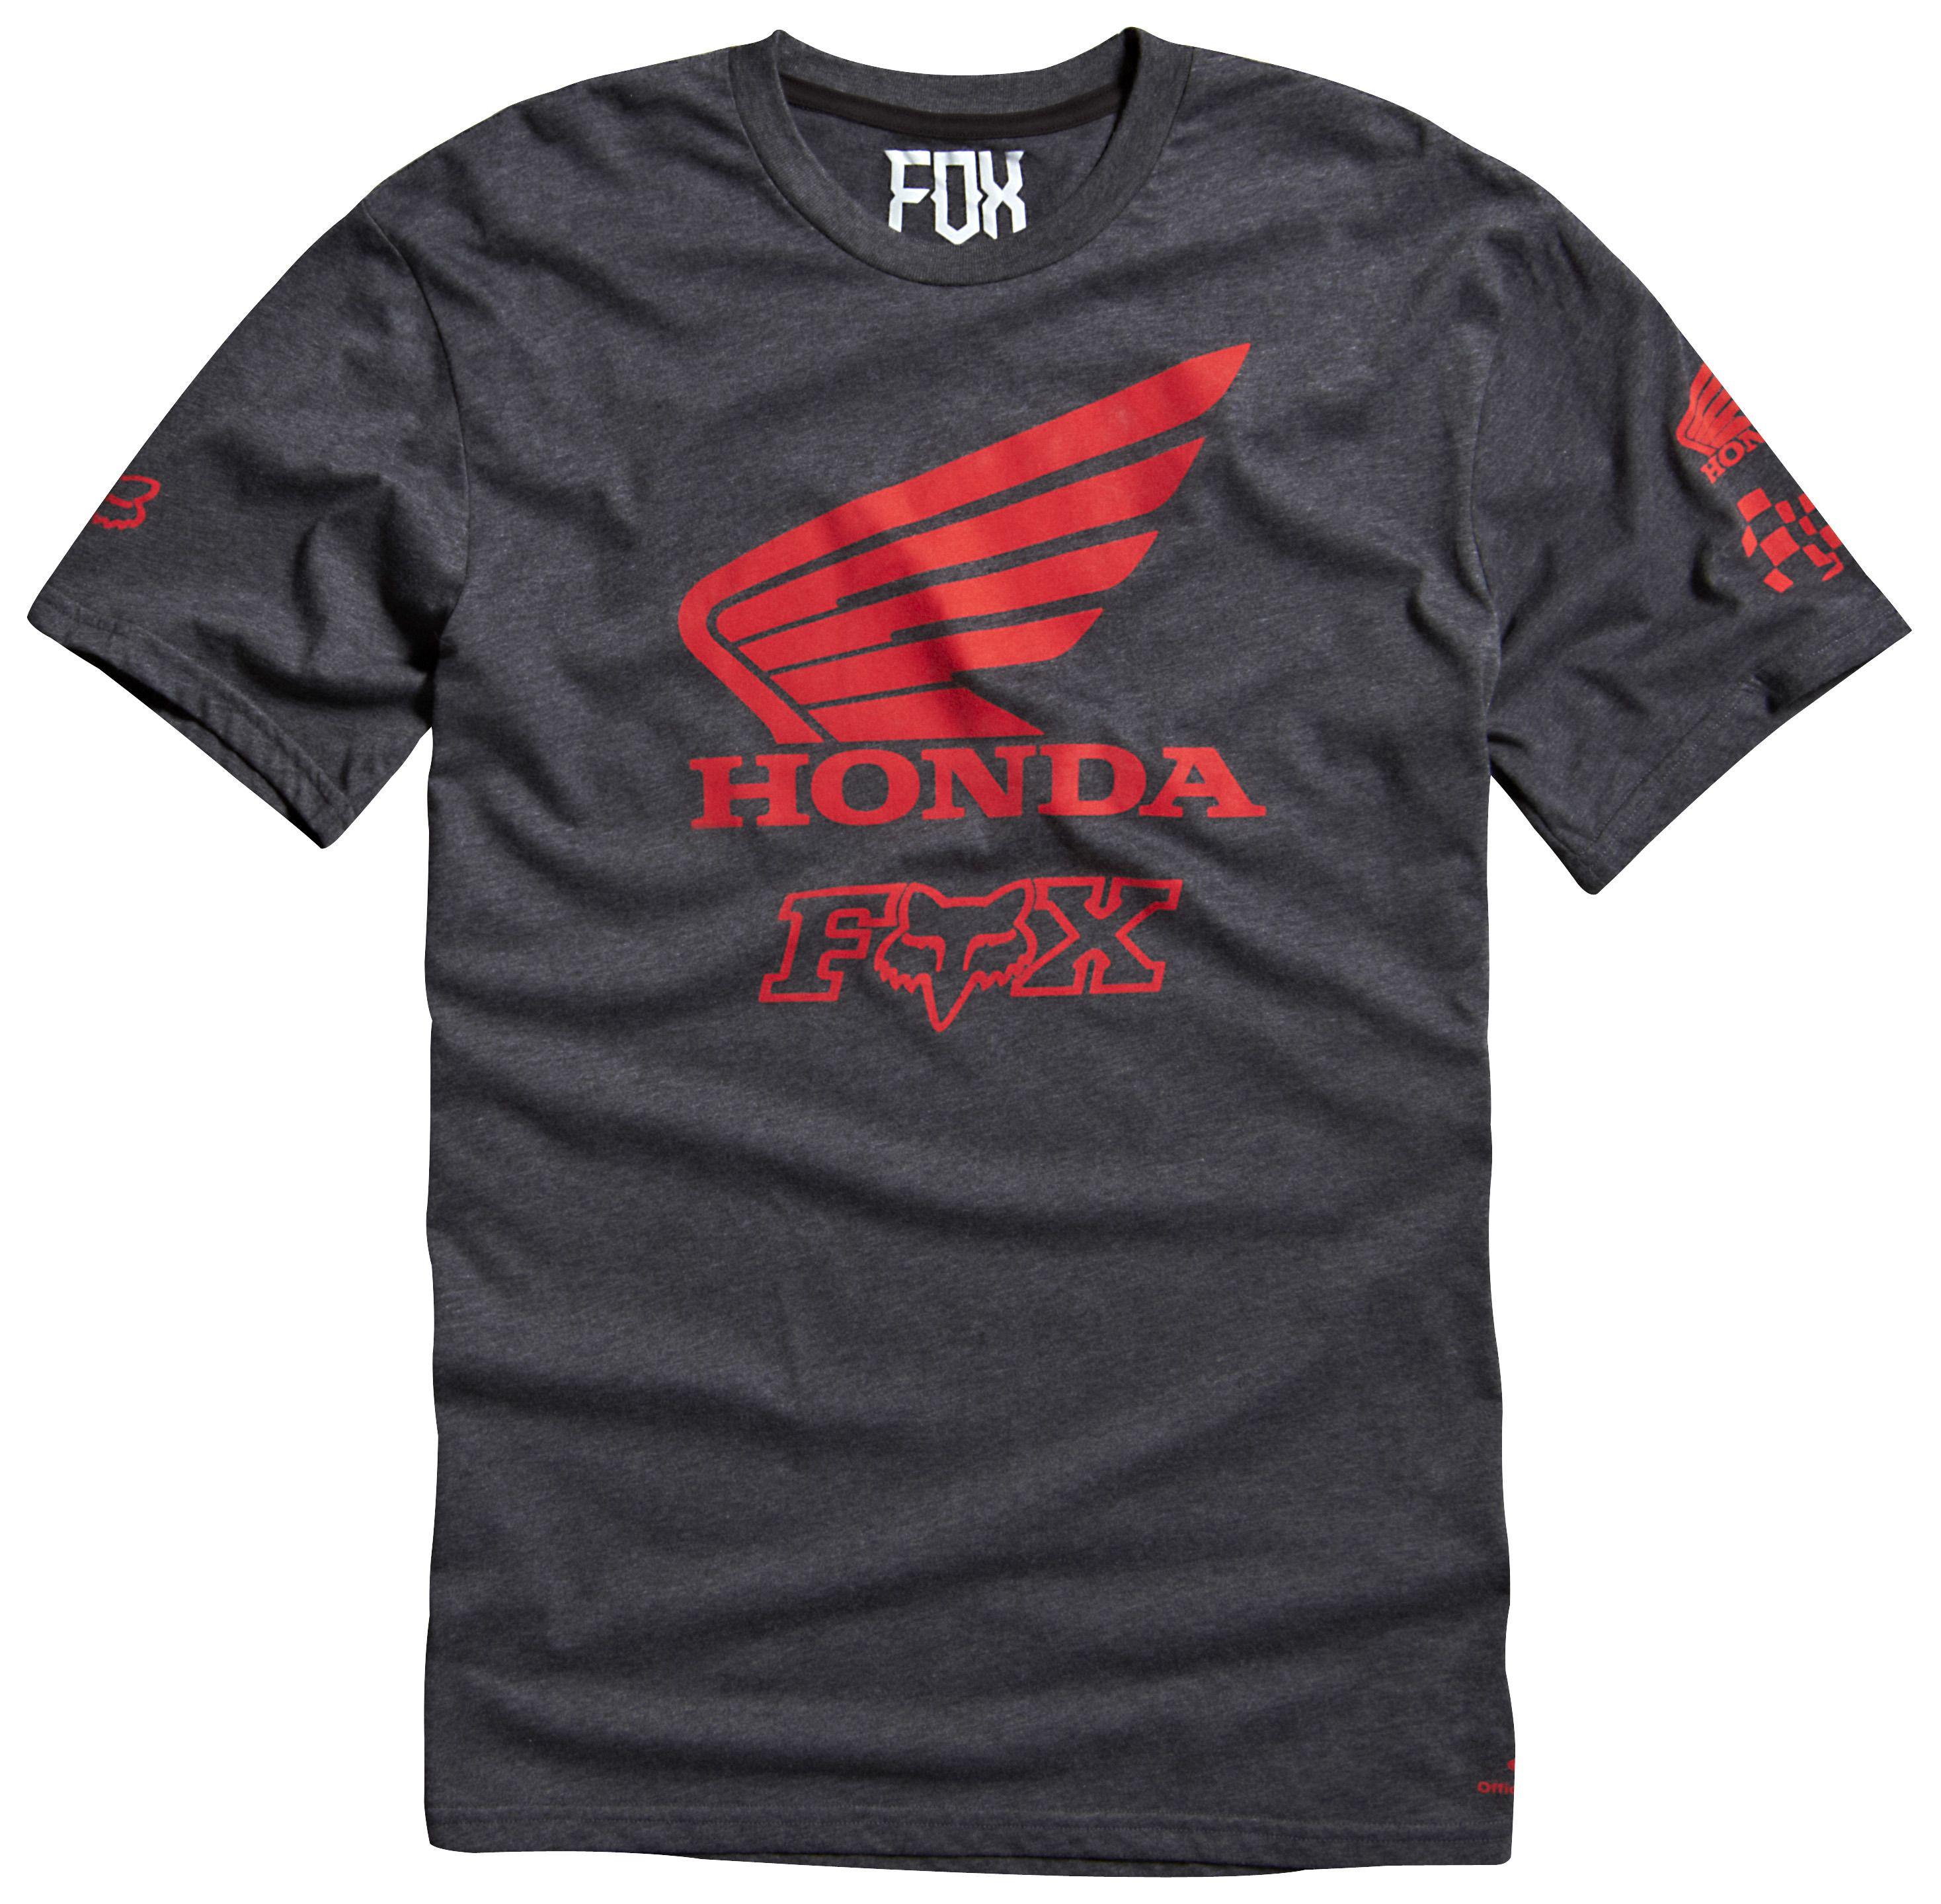 fox racing honda premium t shirt revzilla. Black Bedroom Furniture Sets. Home Design Ideas